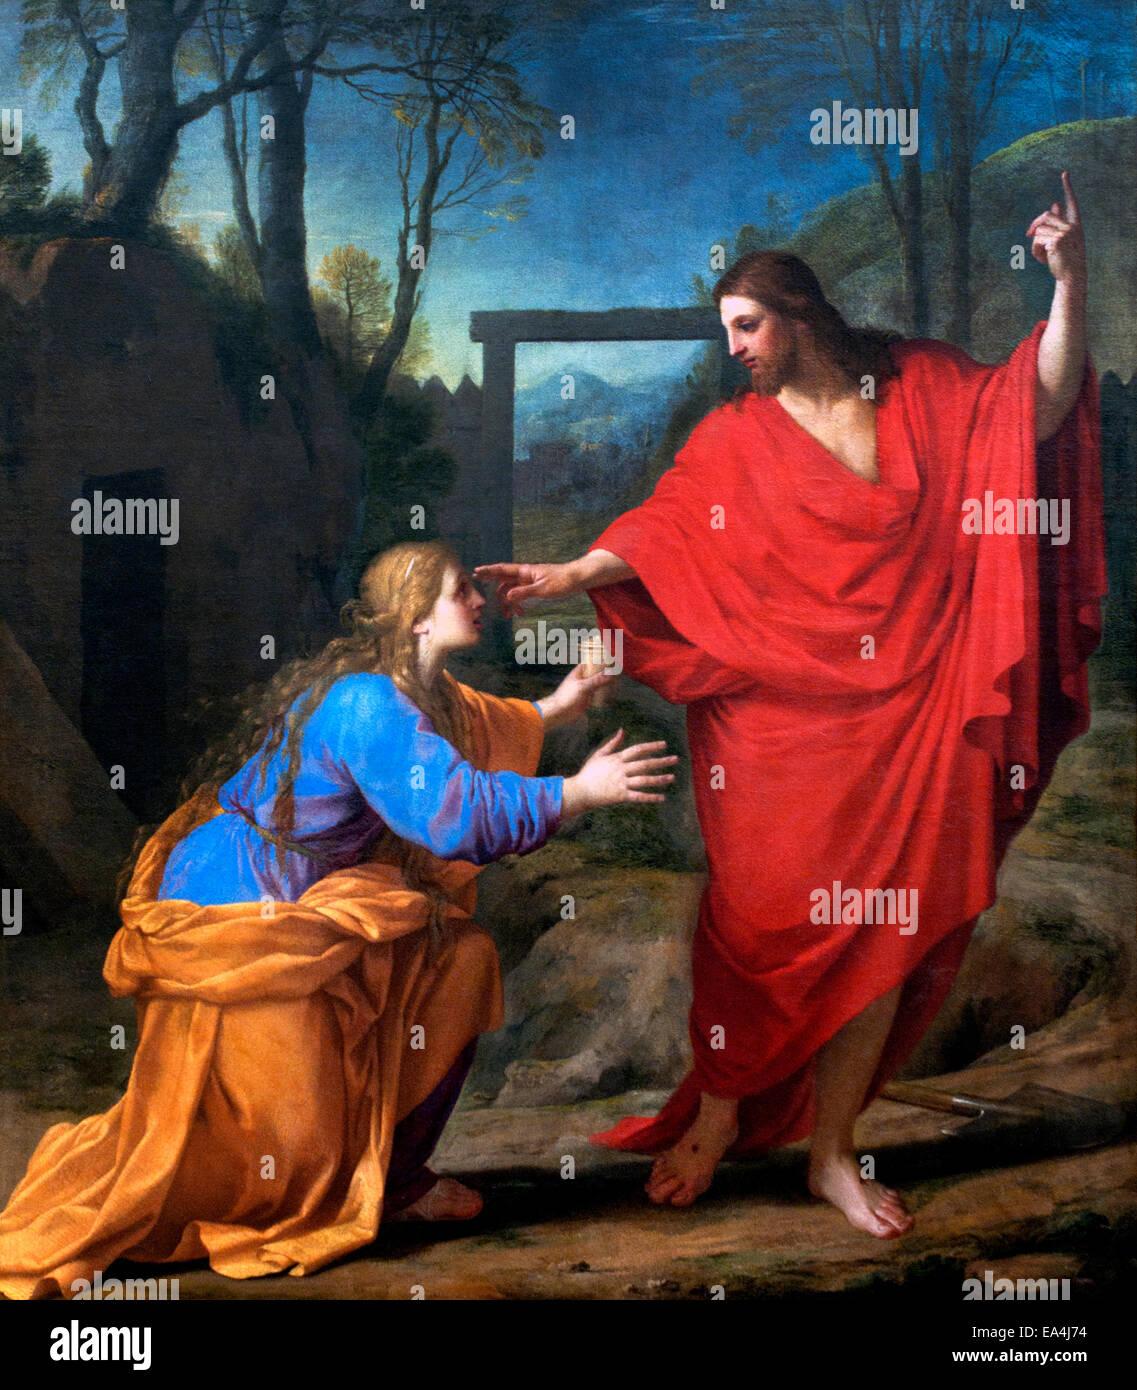 L'apparition du Christ à la Madeleine - The Appearance of Christ to the Magdalen Eustache Le Sueur or Lesueur - Stock Image